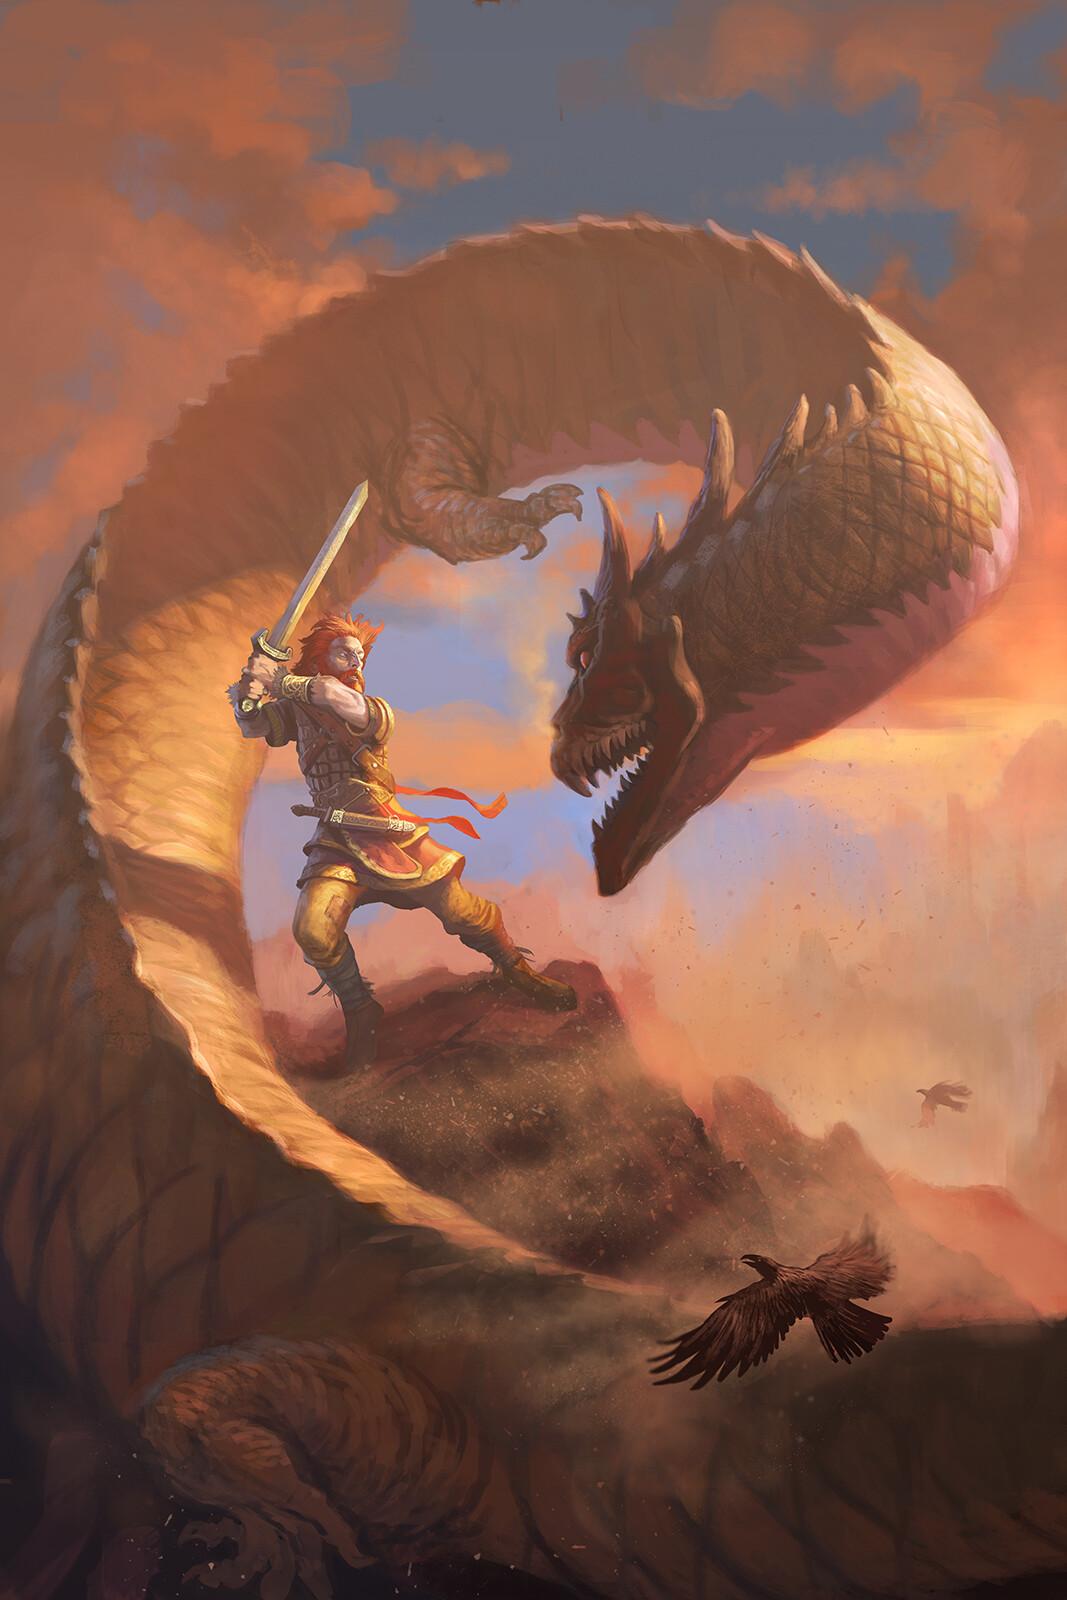 Sigurd, Fafnir's Bane